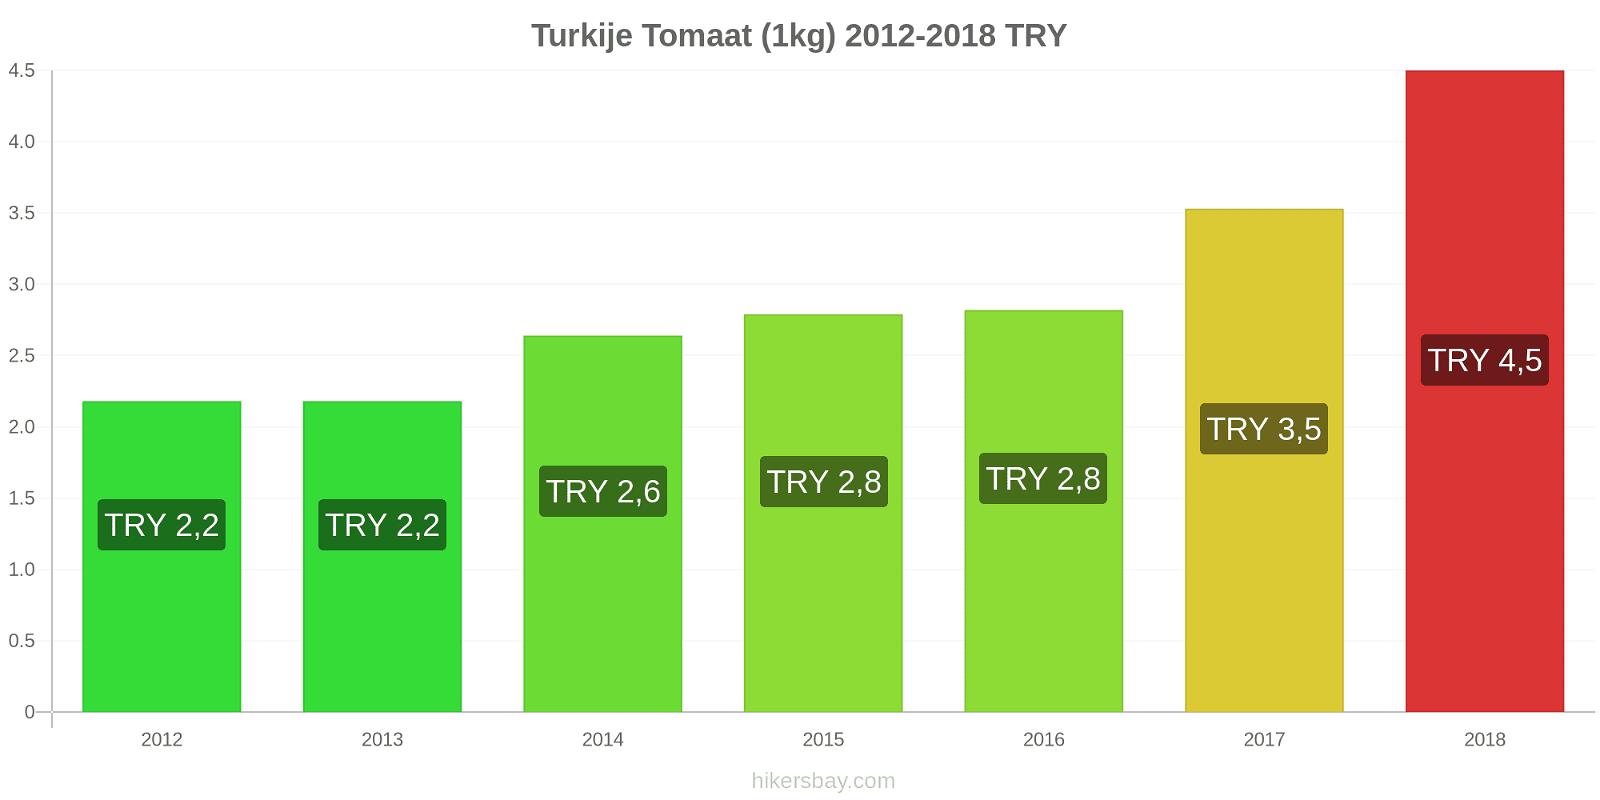 Turkije prijswijzigingen Tomaat (1kg) hikersbay.com